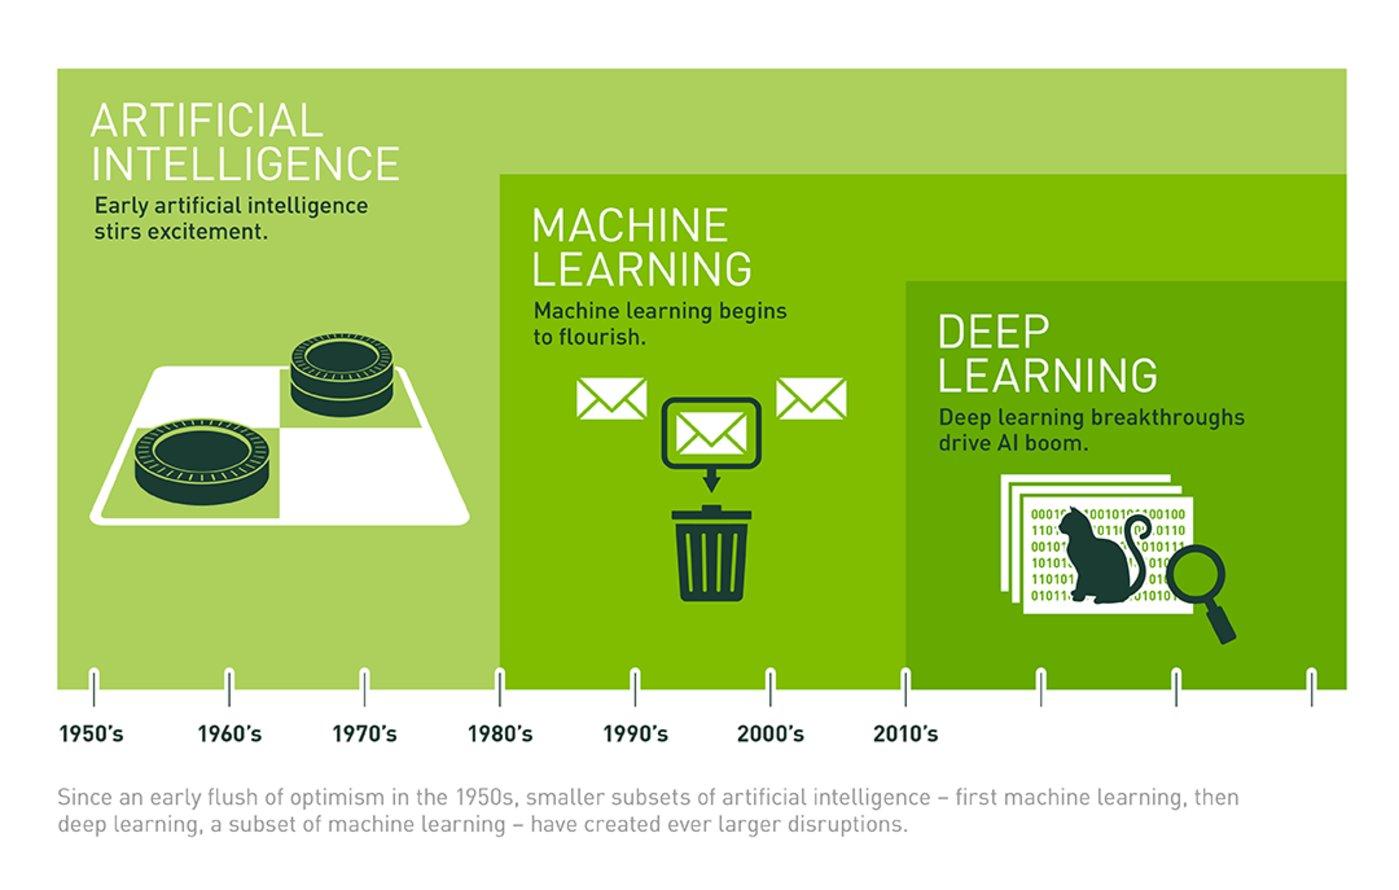 深度学习的出现推动了整个 AI 和机器学习的大发展 来源:Nvidia